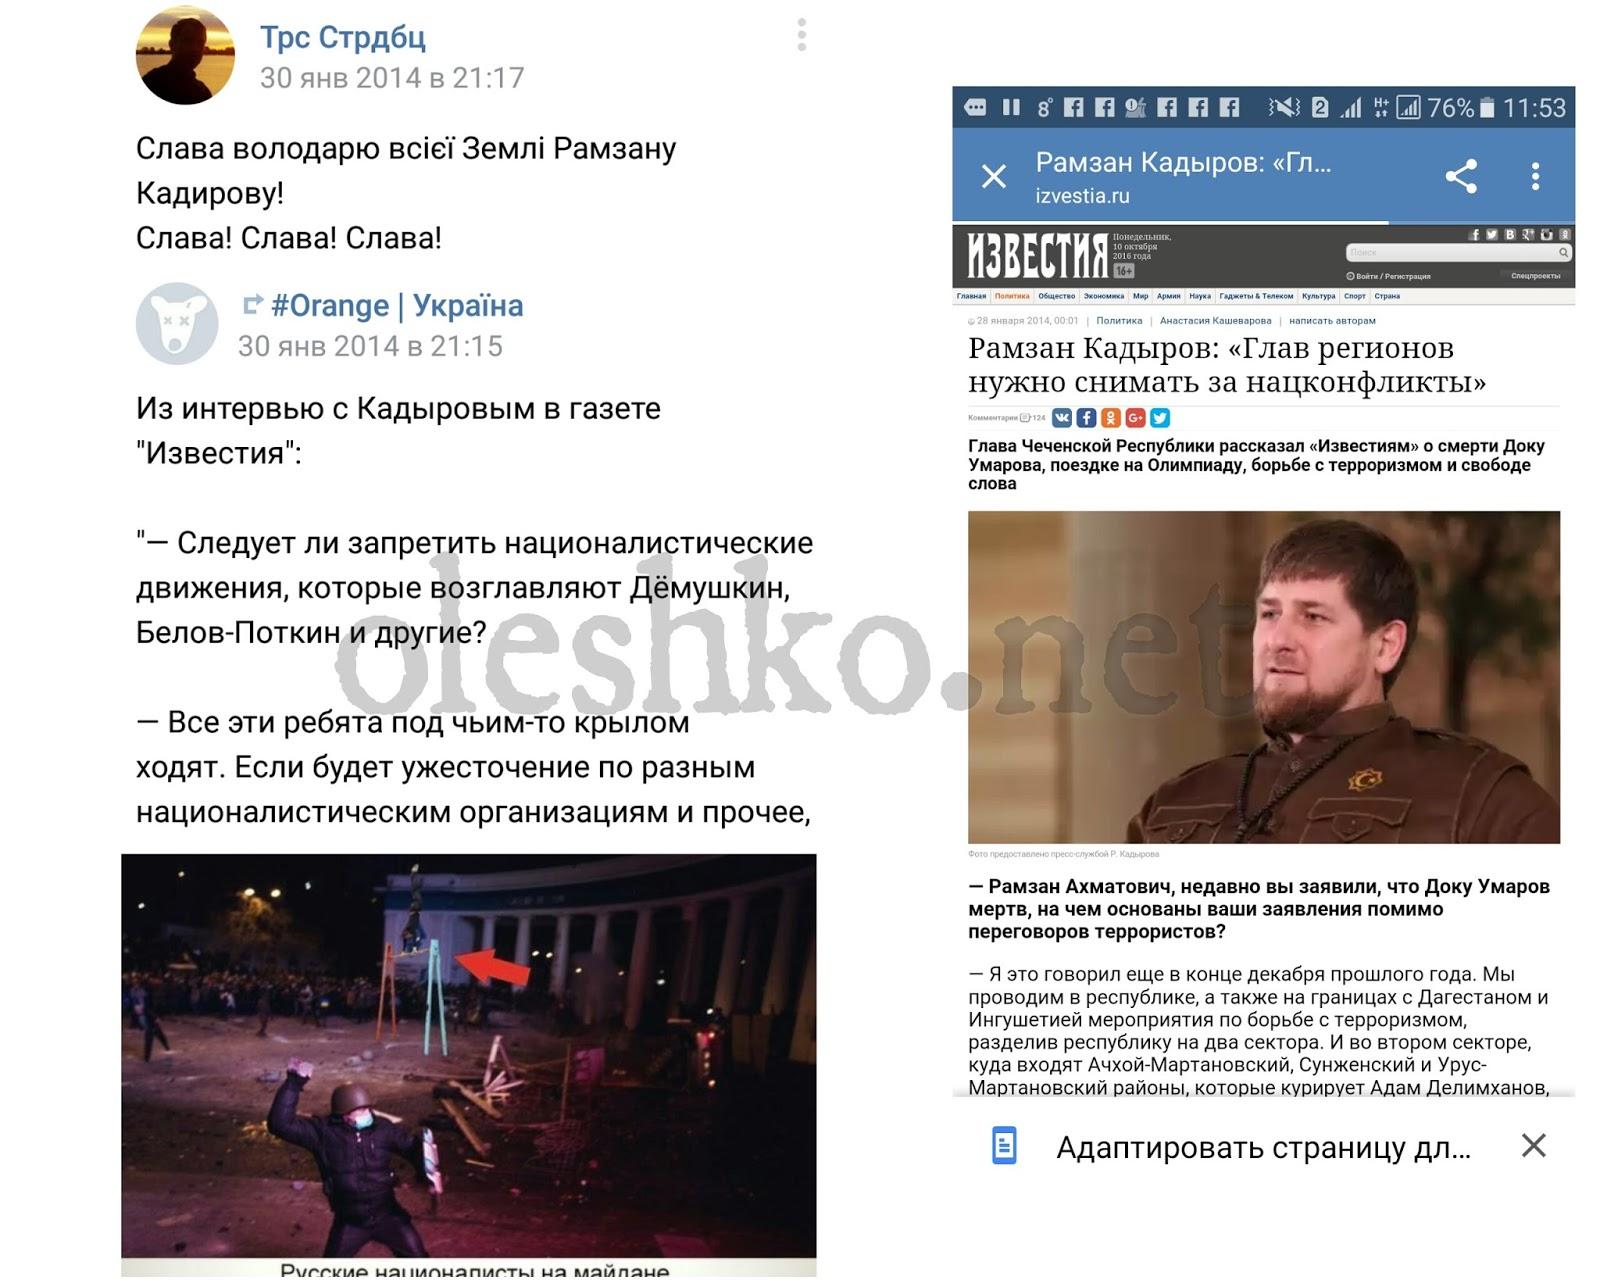 США продолжат поддержку Украины независимо от результатов выборов, - Полторак провел встречу с сенатором США Доннелли - Цензор.НЕТ 8602